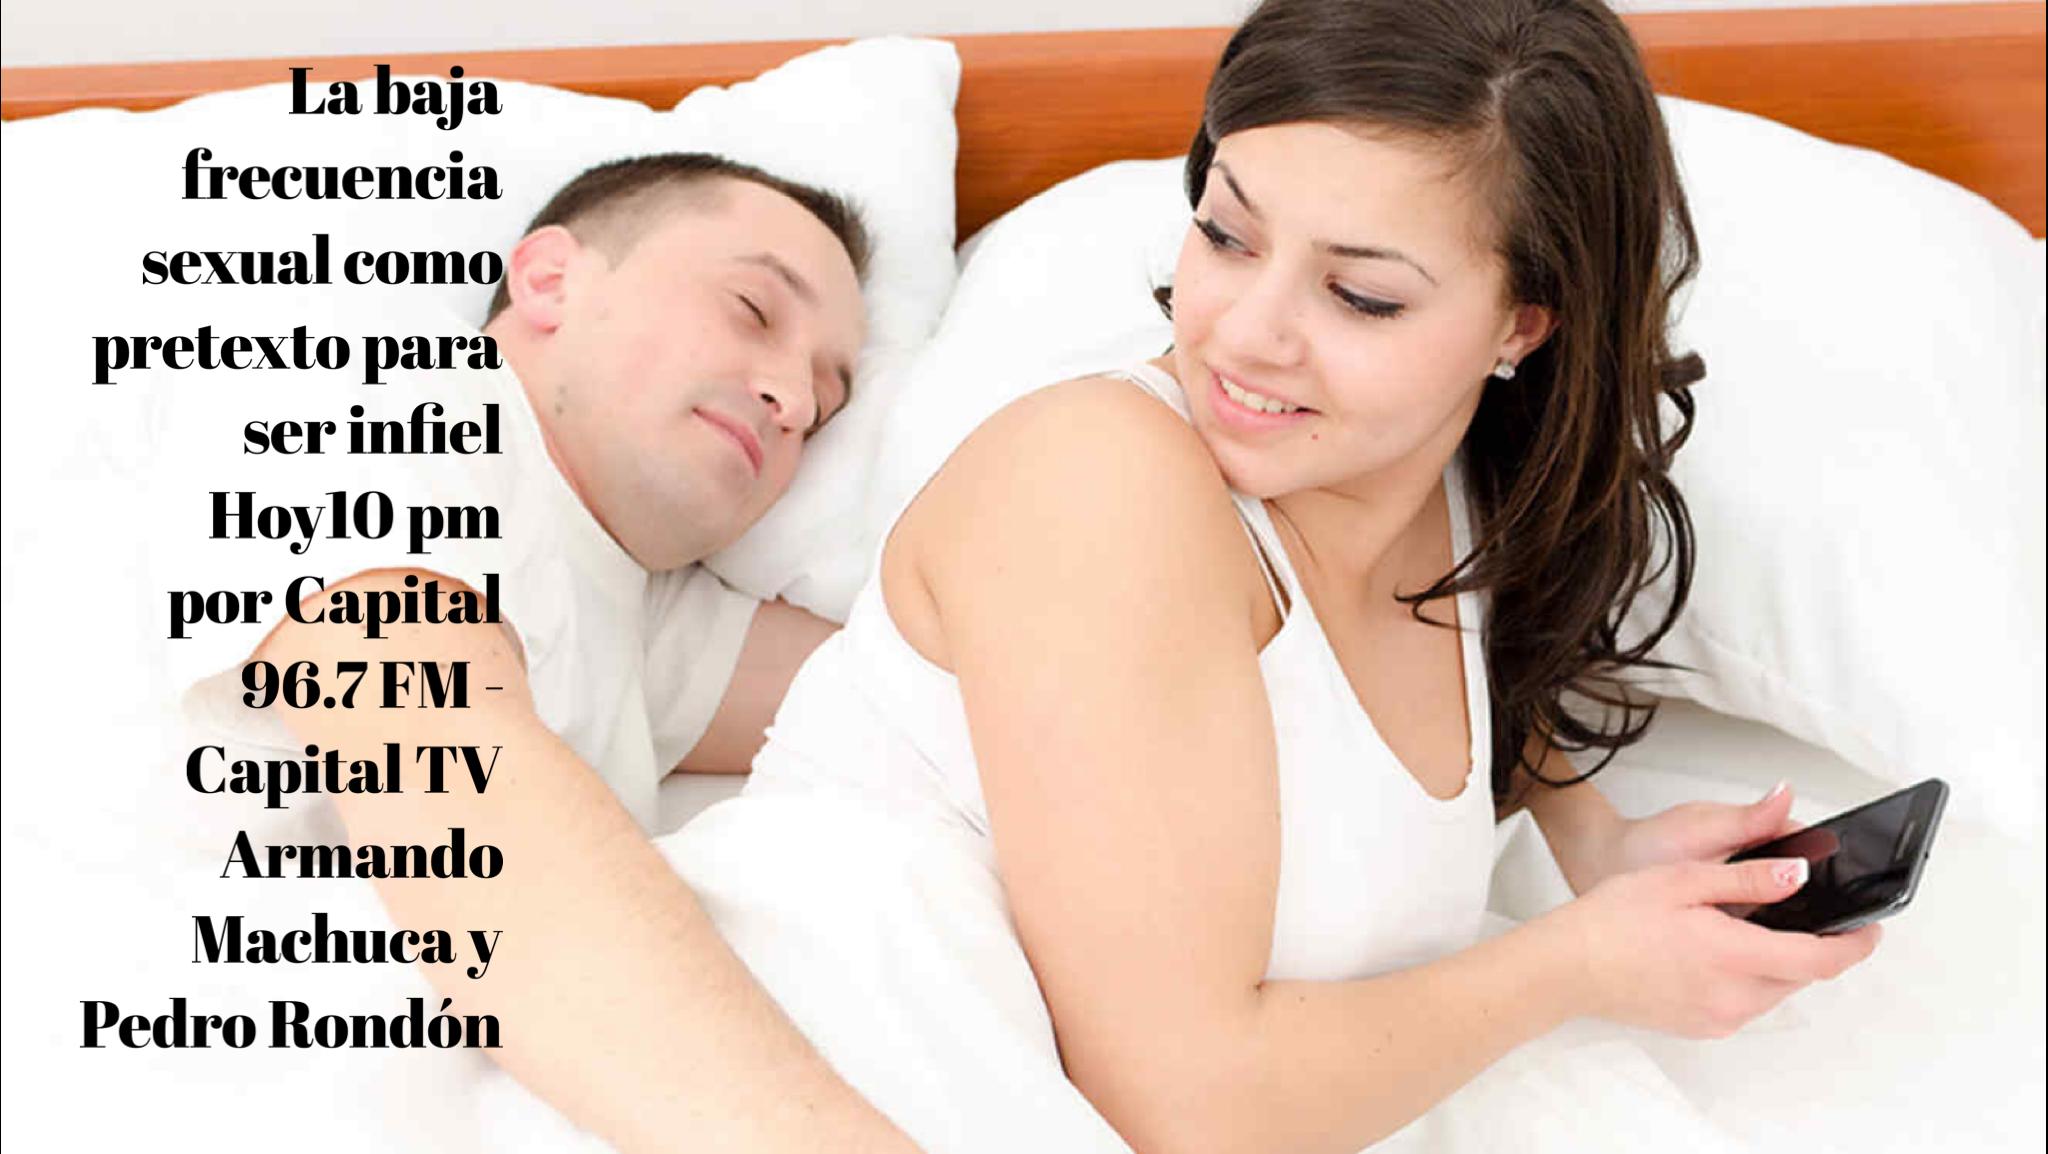 personas para tener relaciones